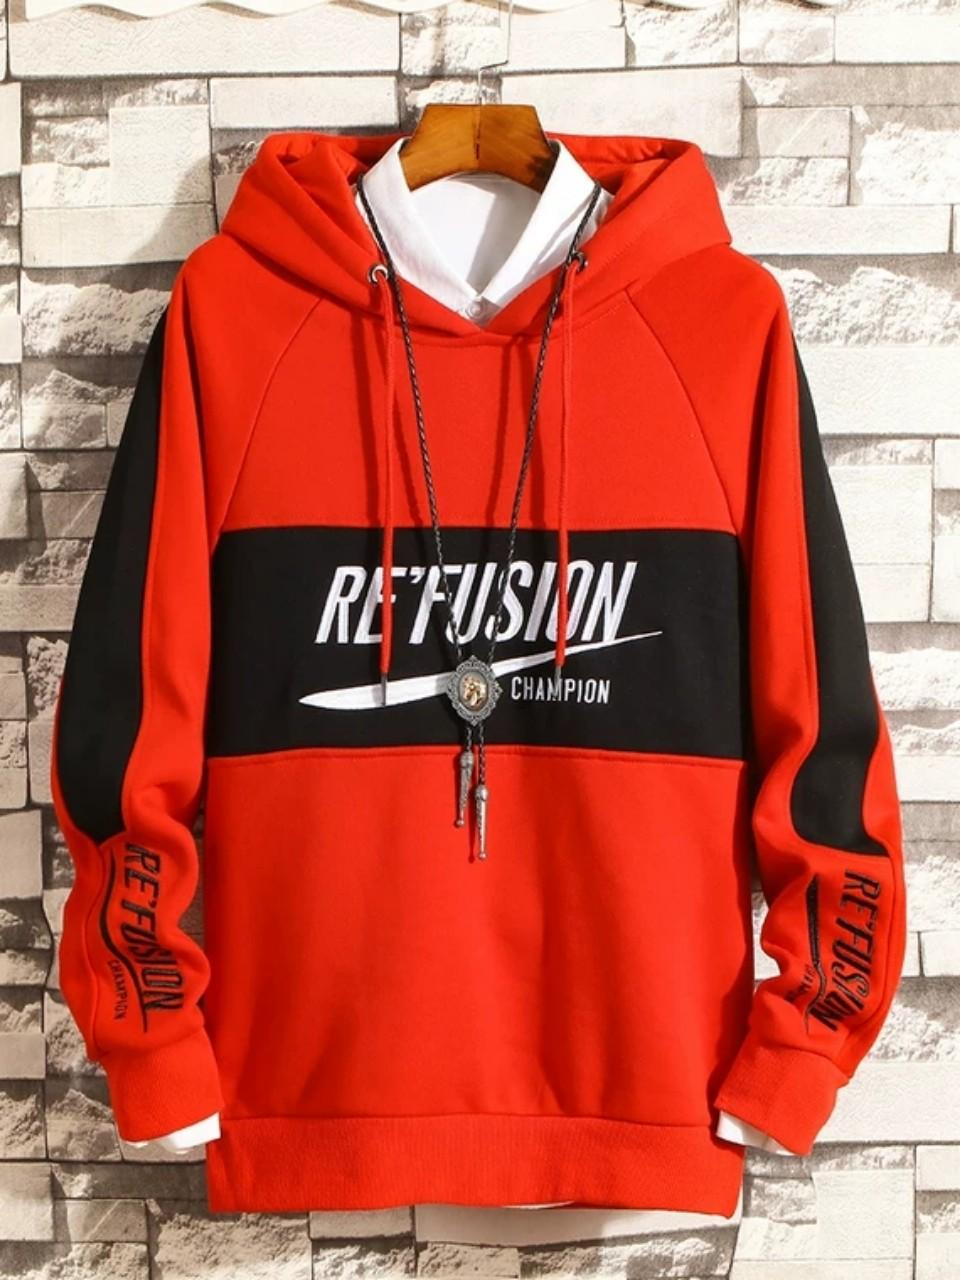 Những chiếc áo hoodie đem lại sự trẻ trung, năng động của người mặc.